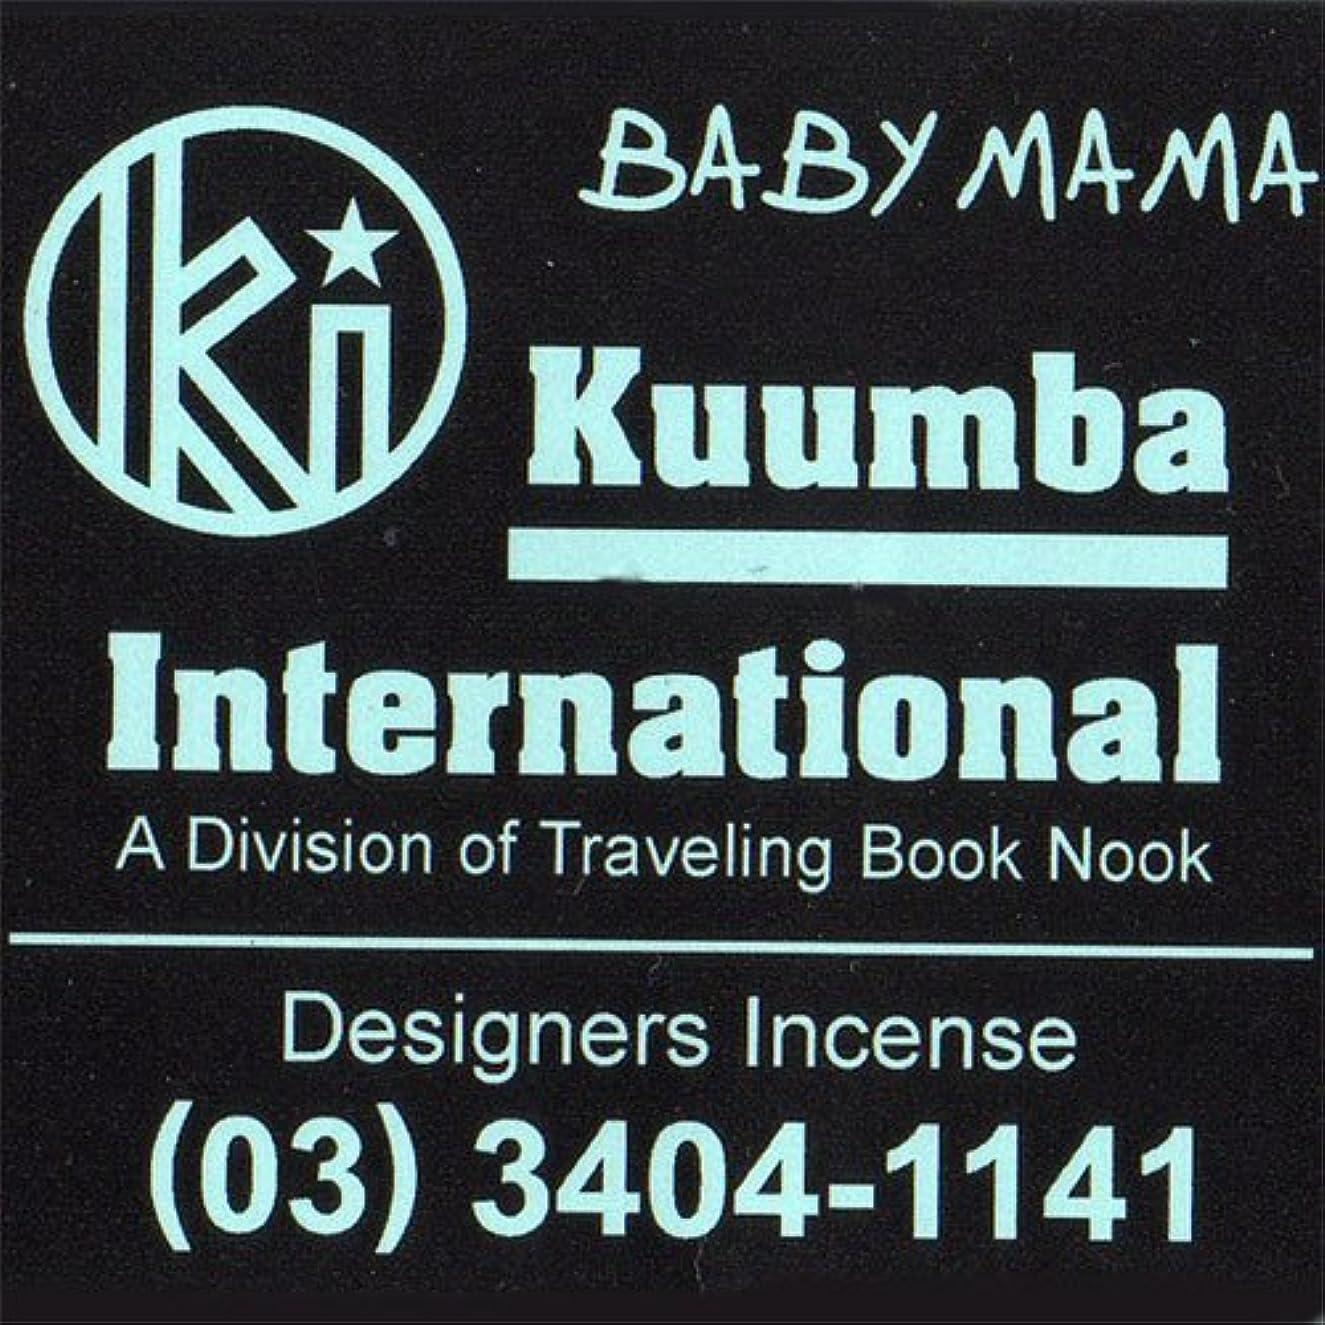 十代レイ花KUUMBA / クンバ『incense』(BABY MAMA) (Regular size)